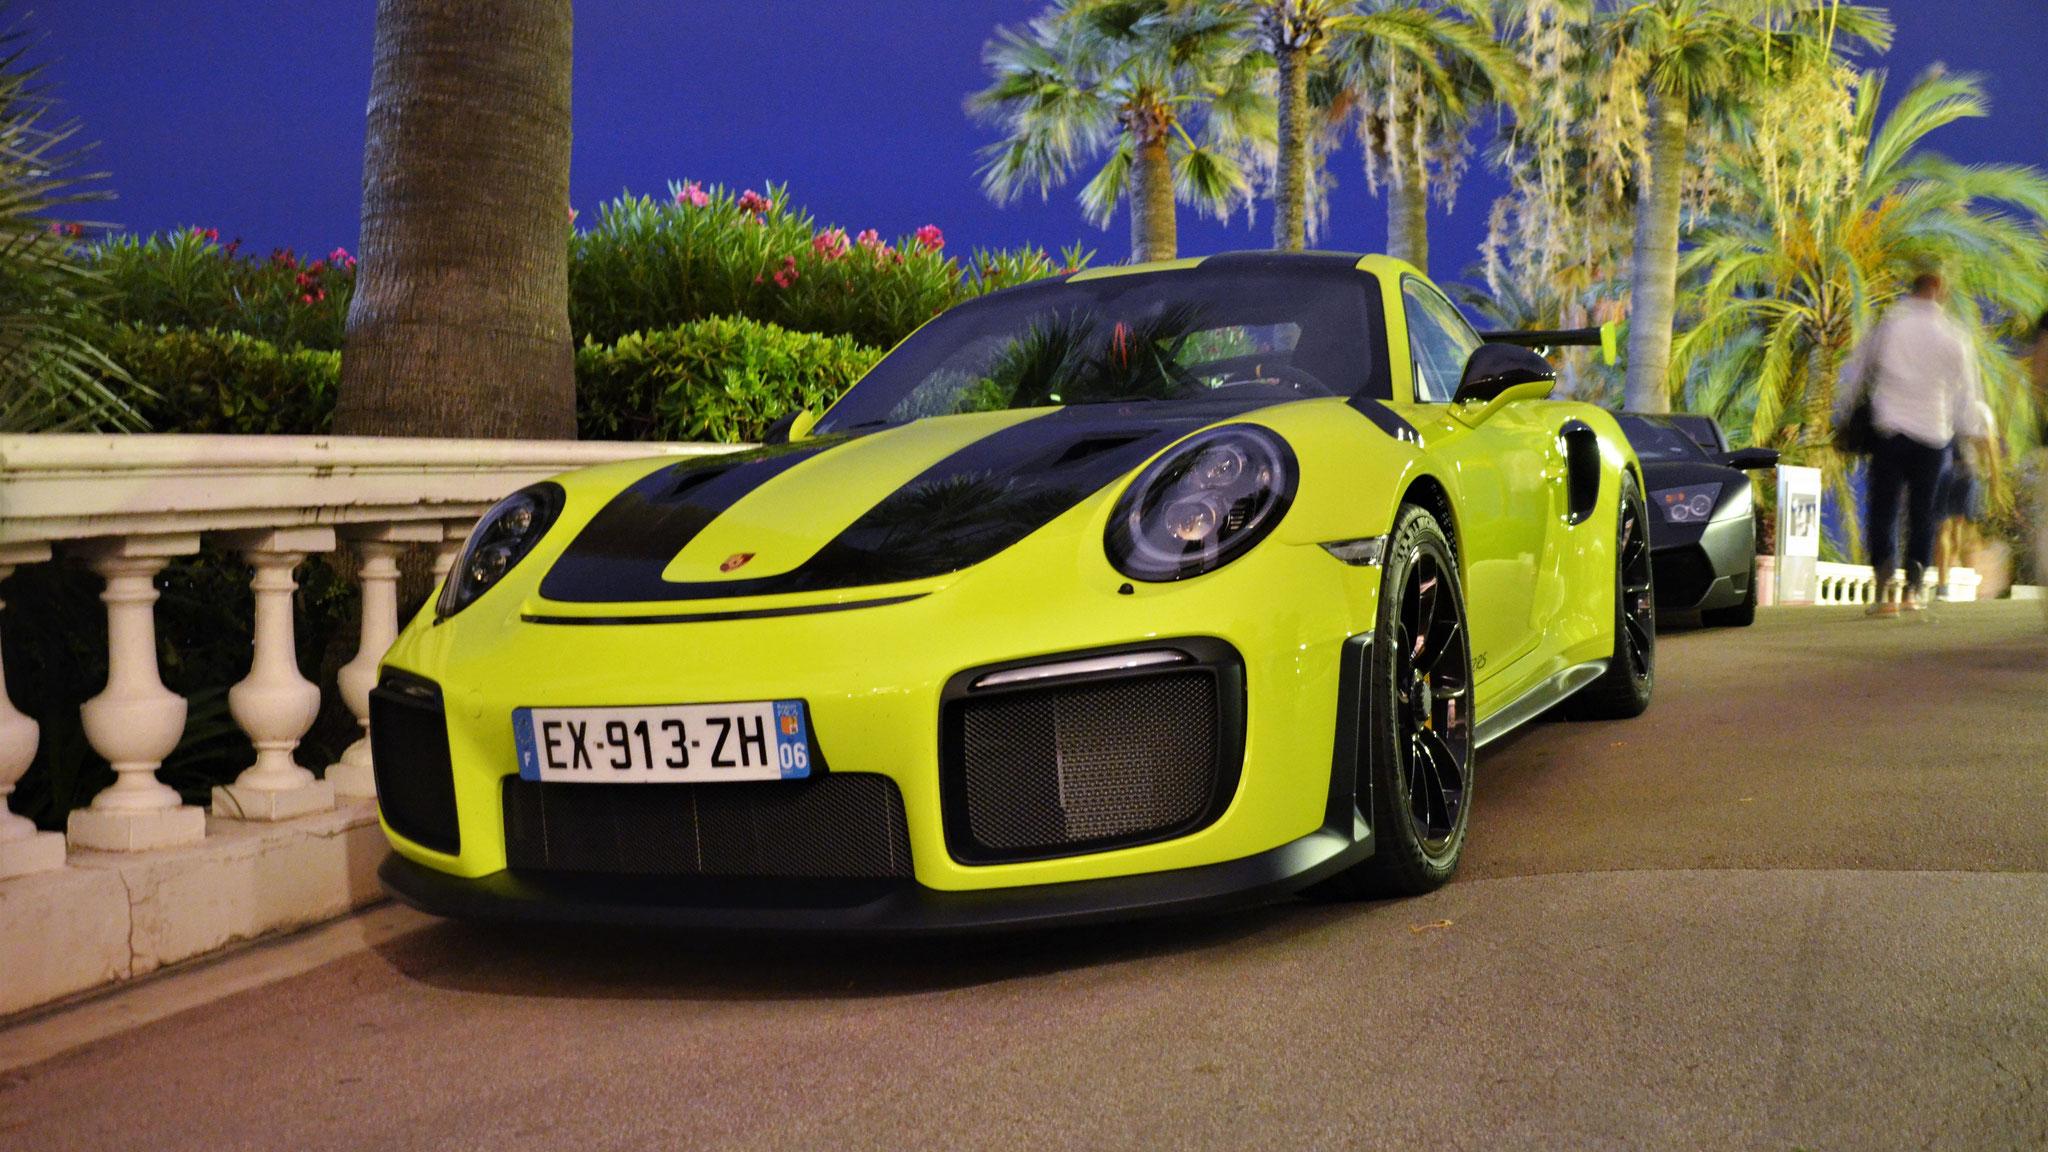 Porsche GT2 RS - EX-913-ZH-06 (FRA)